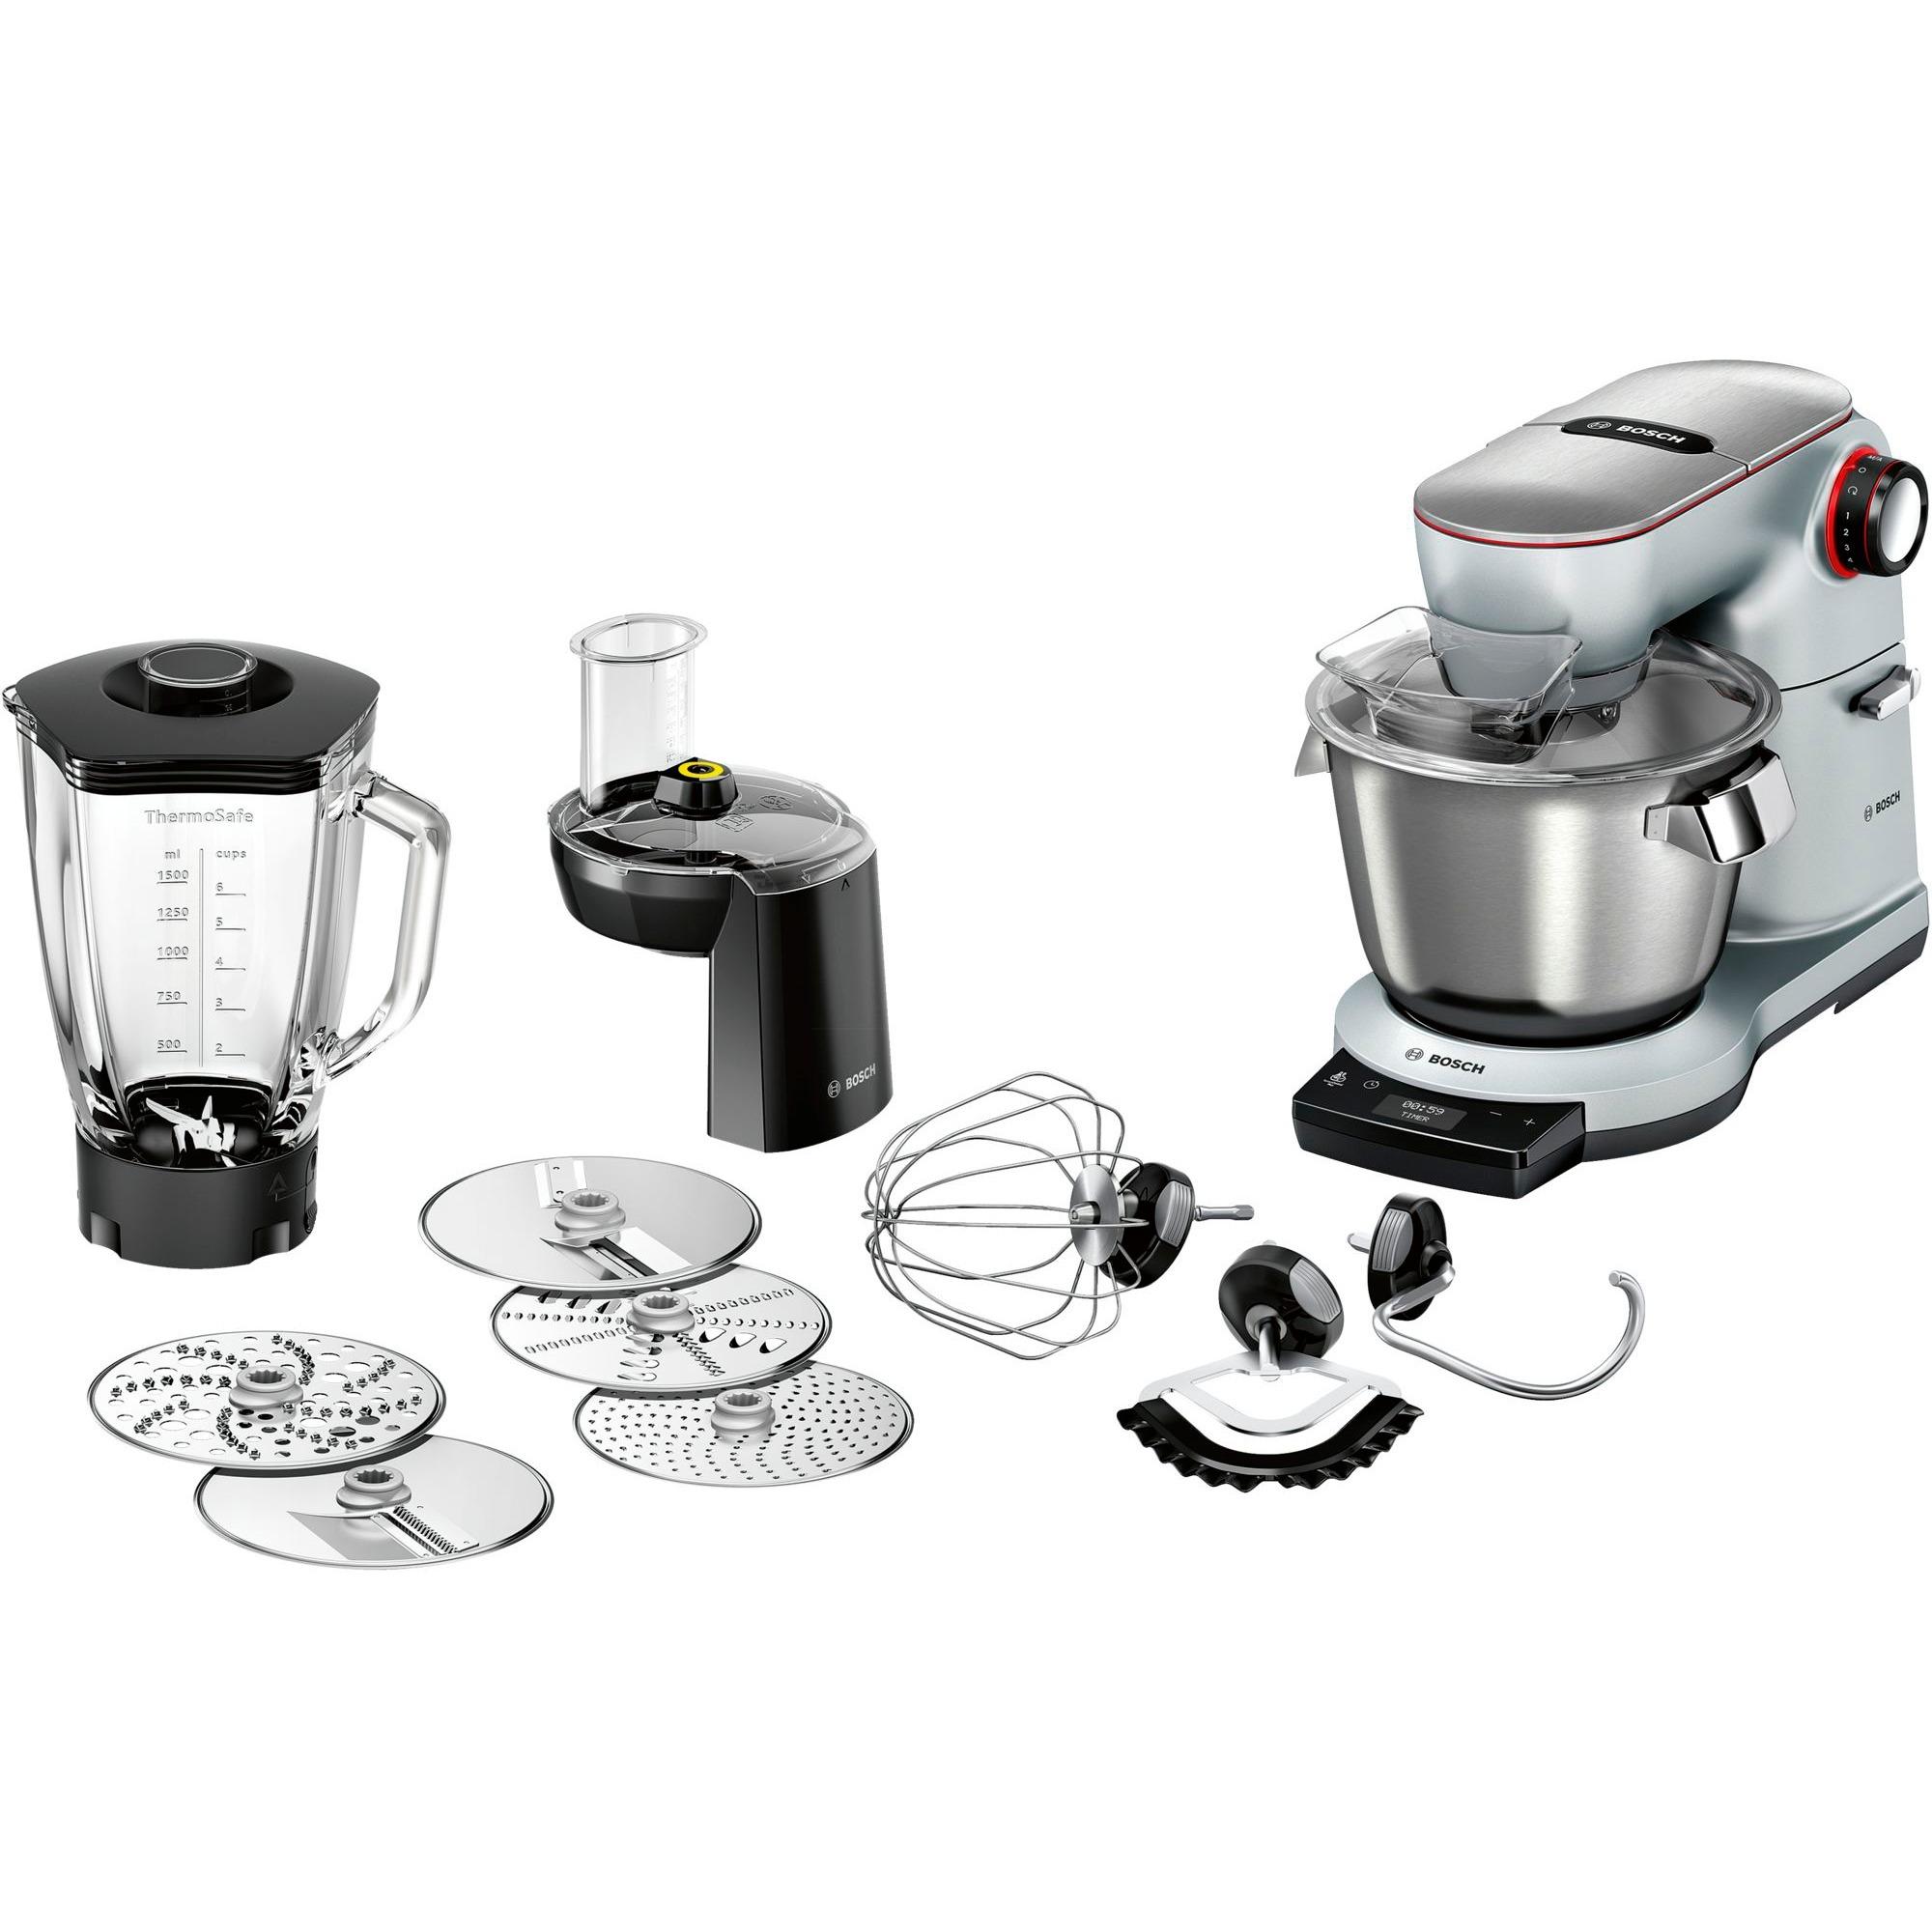 MUM9DT5S41 1500W 5.5L Plata robot de cocina